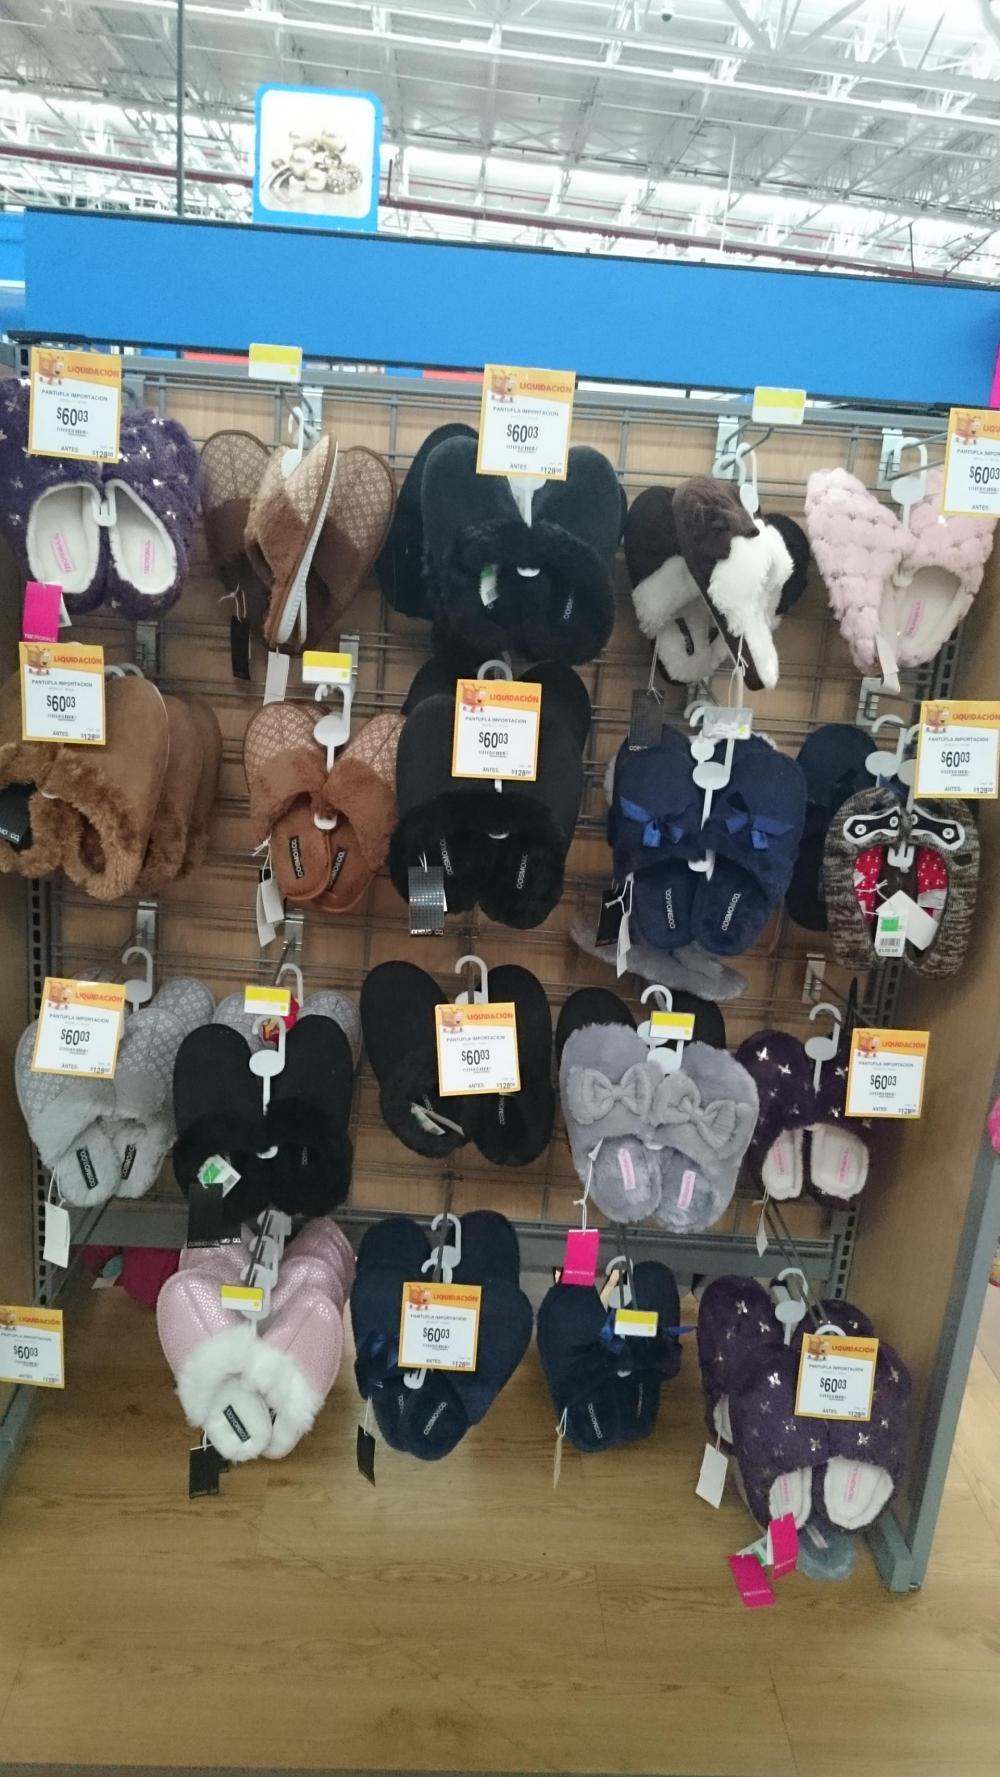 Walmart 15 de Mayo Puebla: Pantuflas de $128 a $60 y Pantalones de $228 a $90